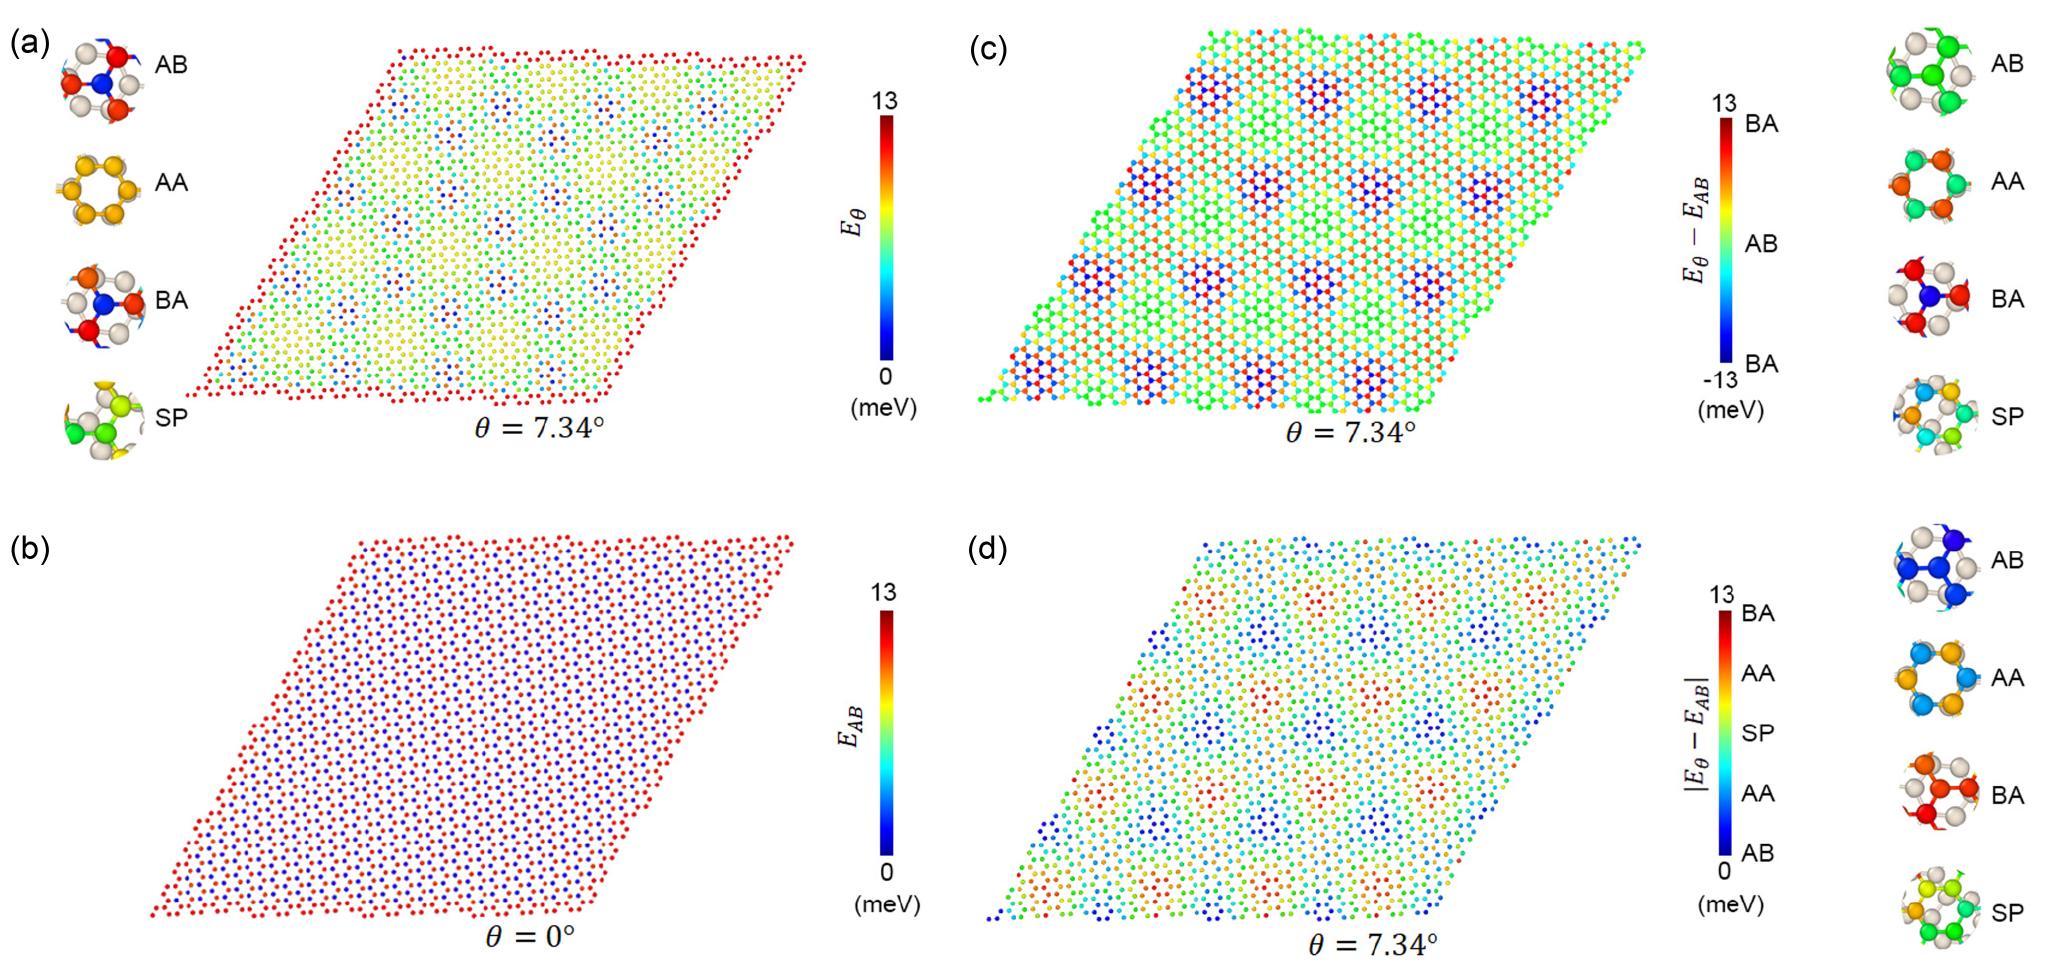 Кручу-верчу, запутать хочу: манипуляции с двухслойным графеном - 6